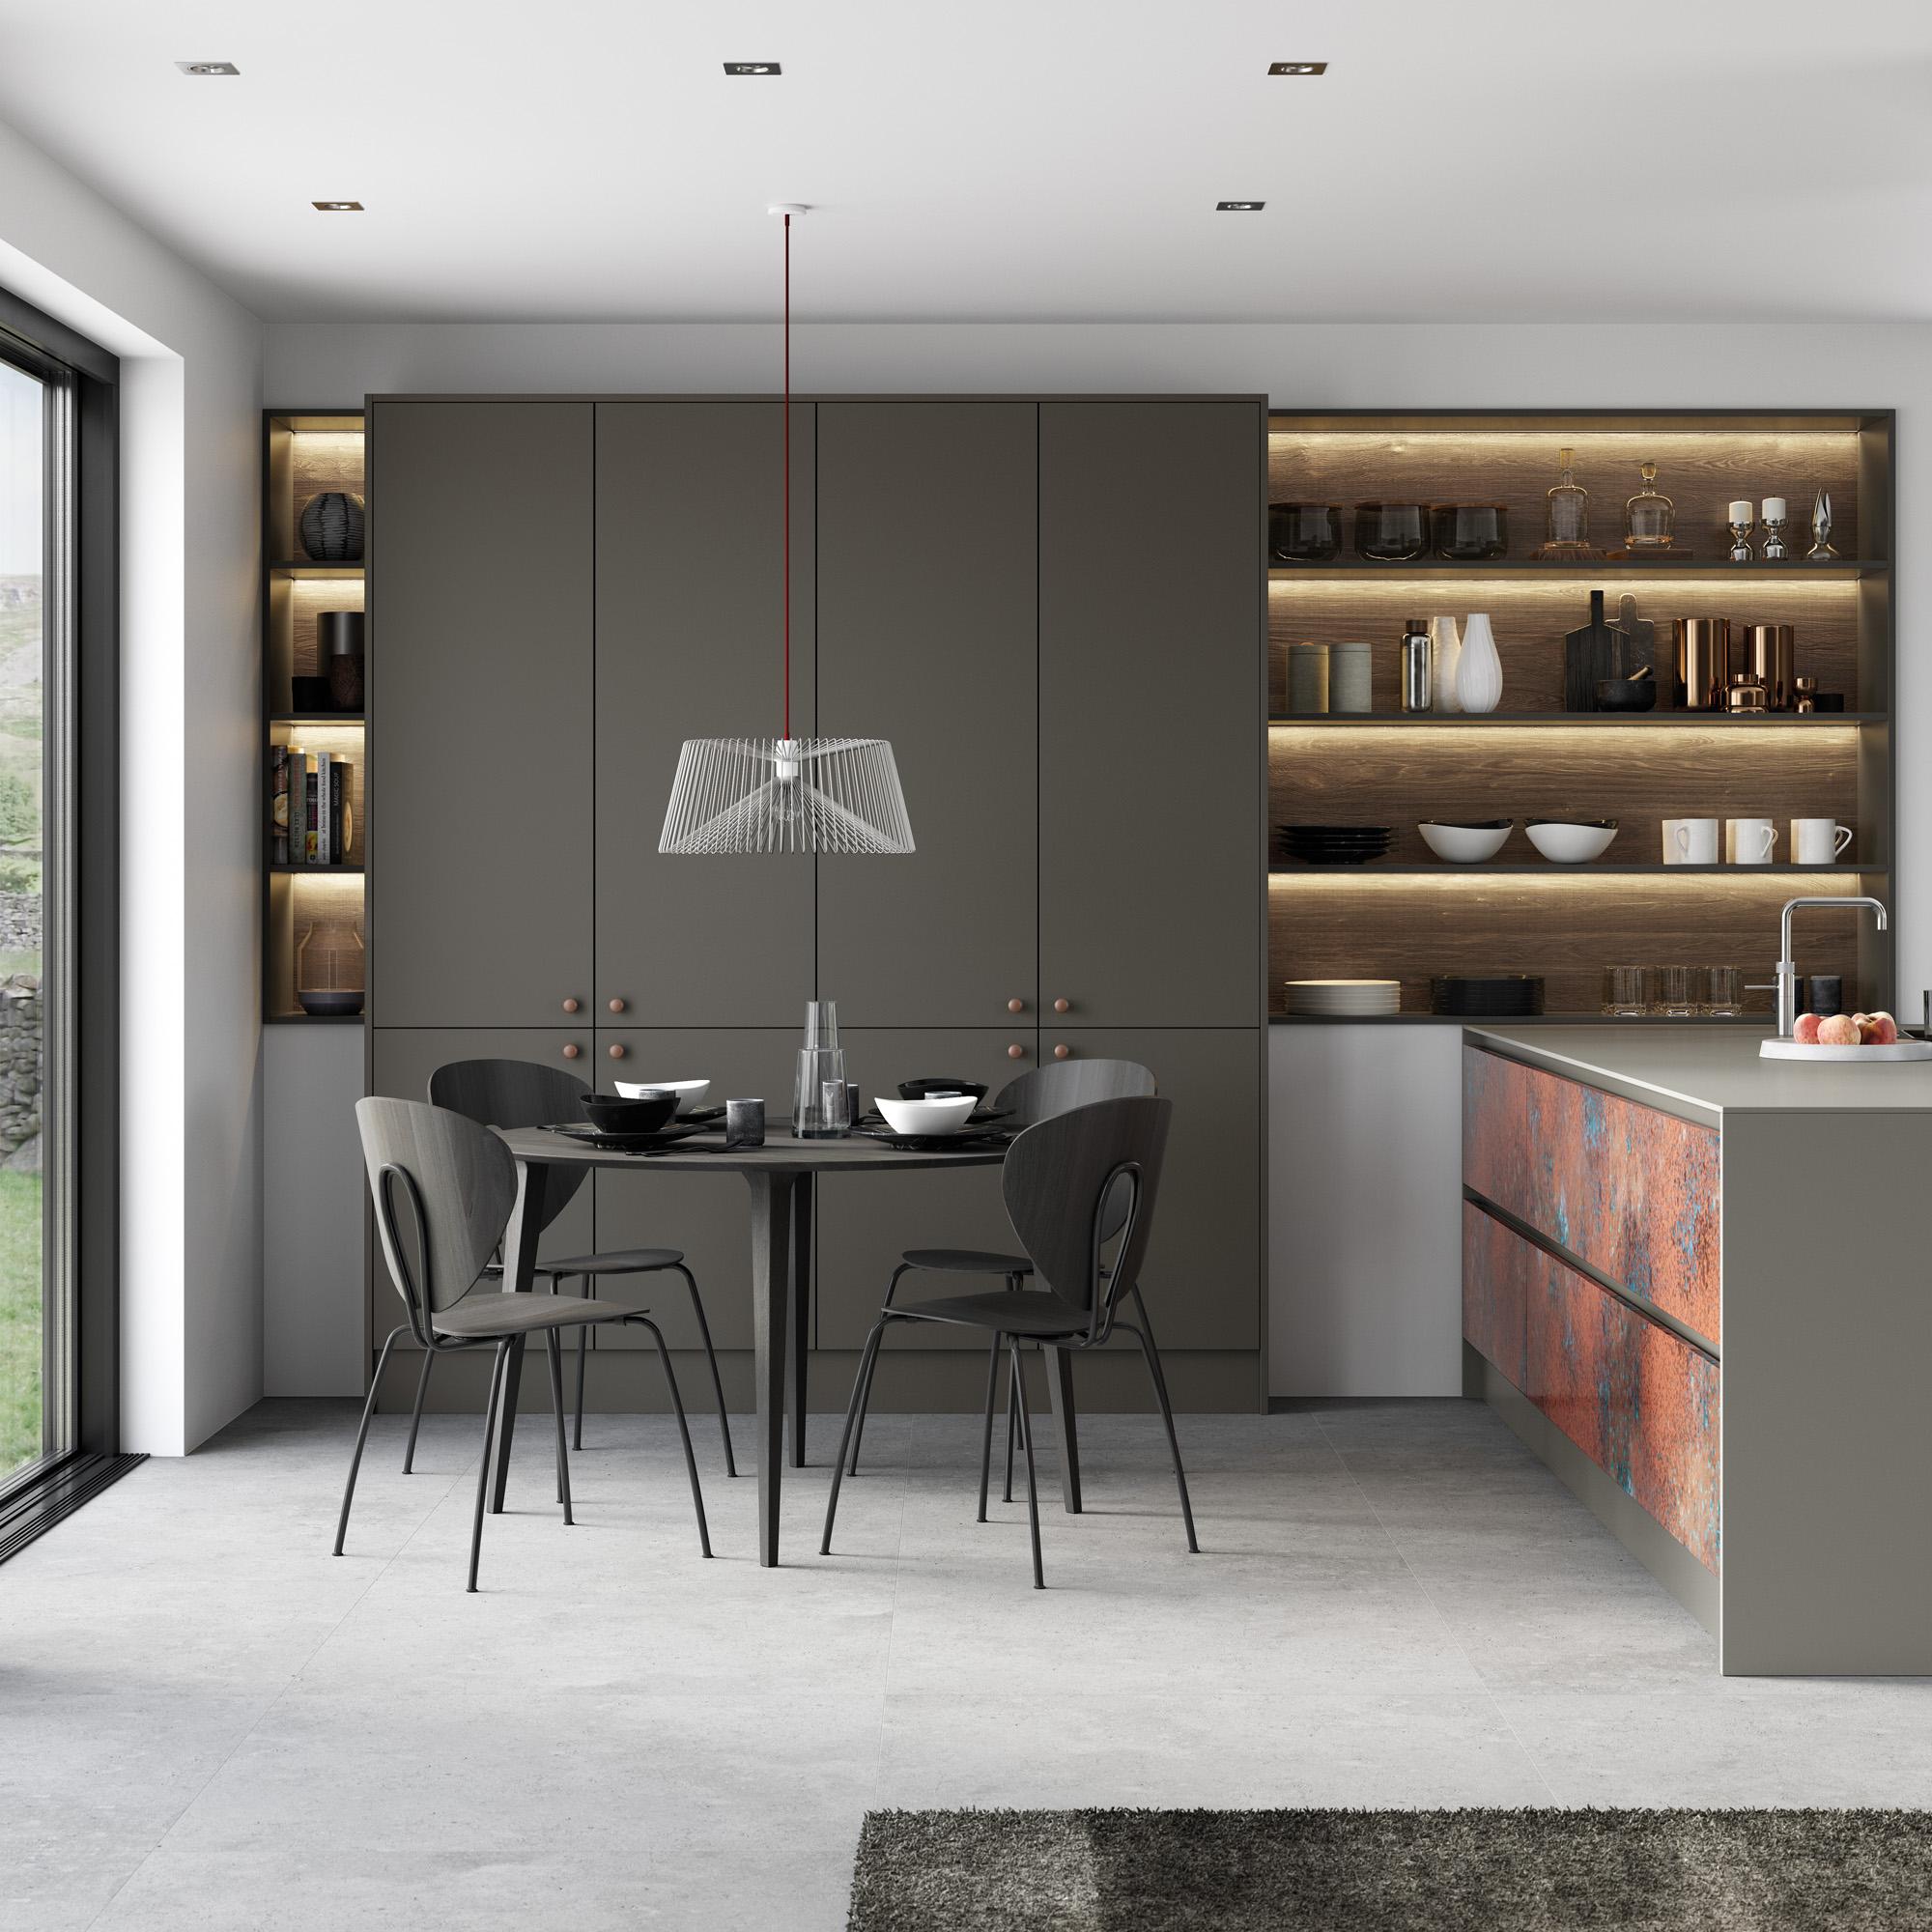 Ferro Oxidized Copper and Rezana Espresso Oak_Cameo 6.jpg